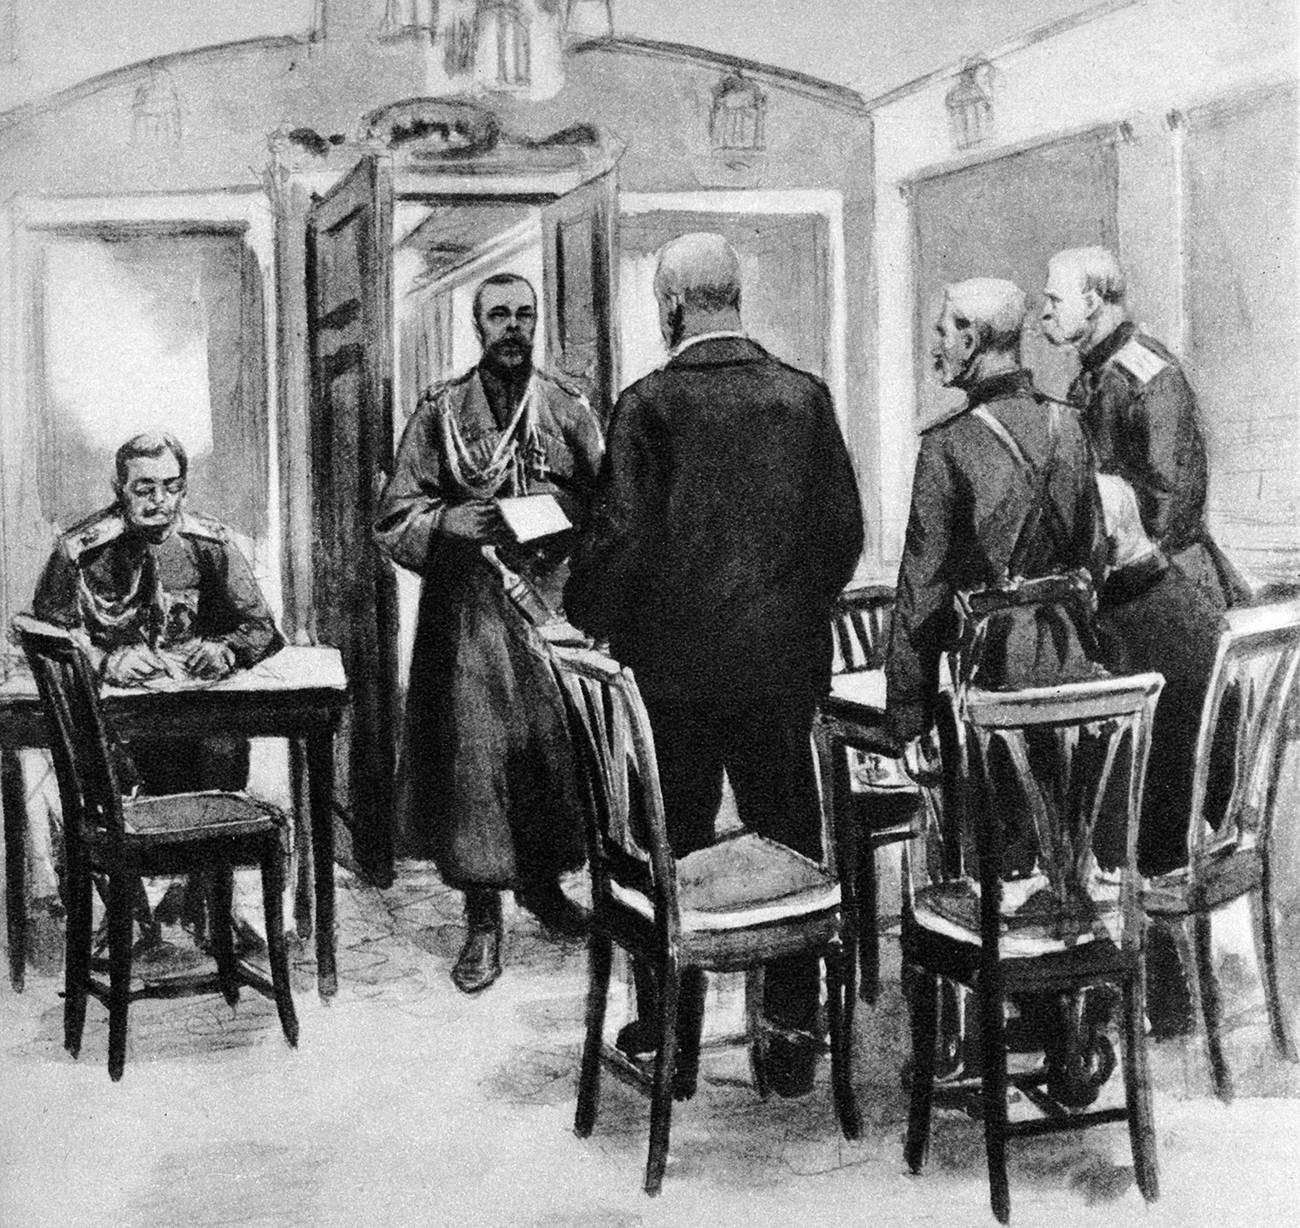 Царот Николај Втори (1968-1918) го чита актот на абдикација на гласниците на Керенски во својот личен вагон во Царское Село. Илустрација на настанот од 15 март 1917 година.